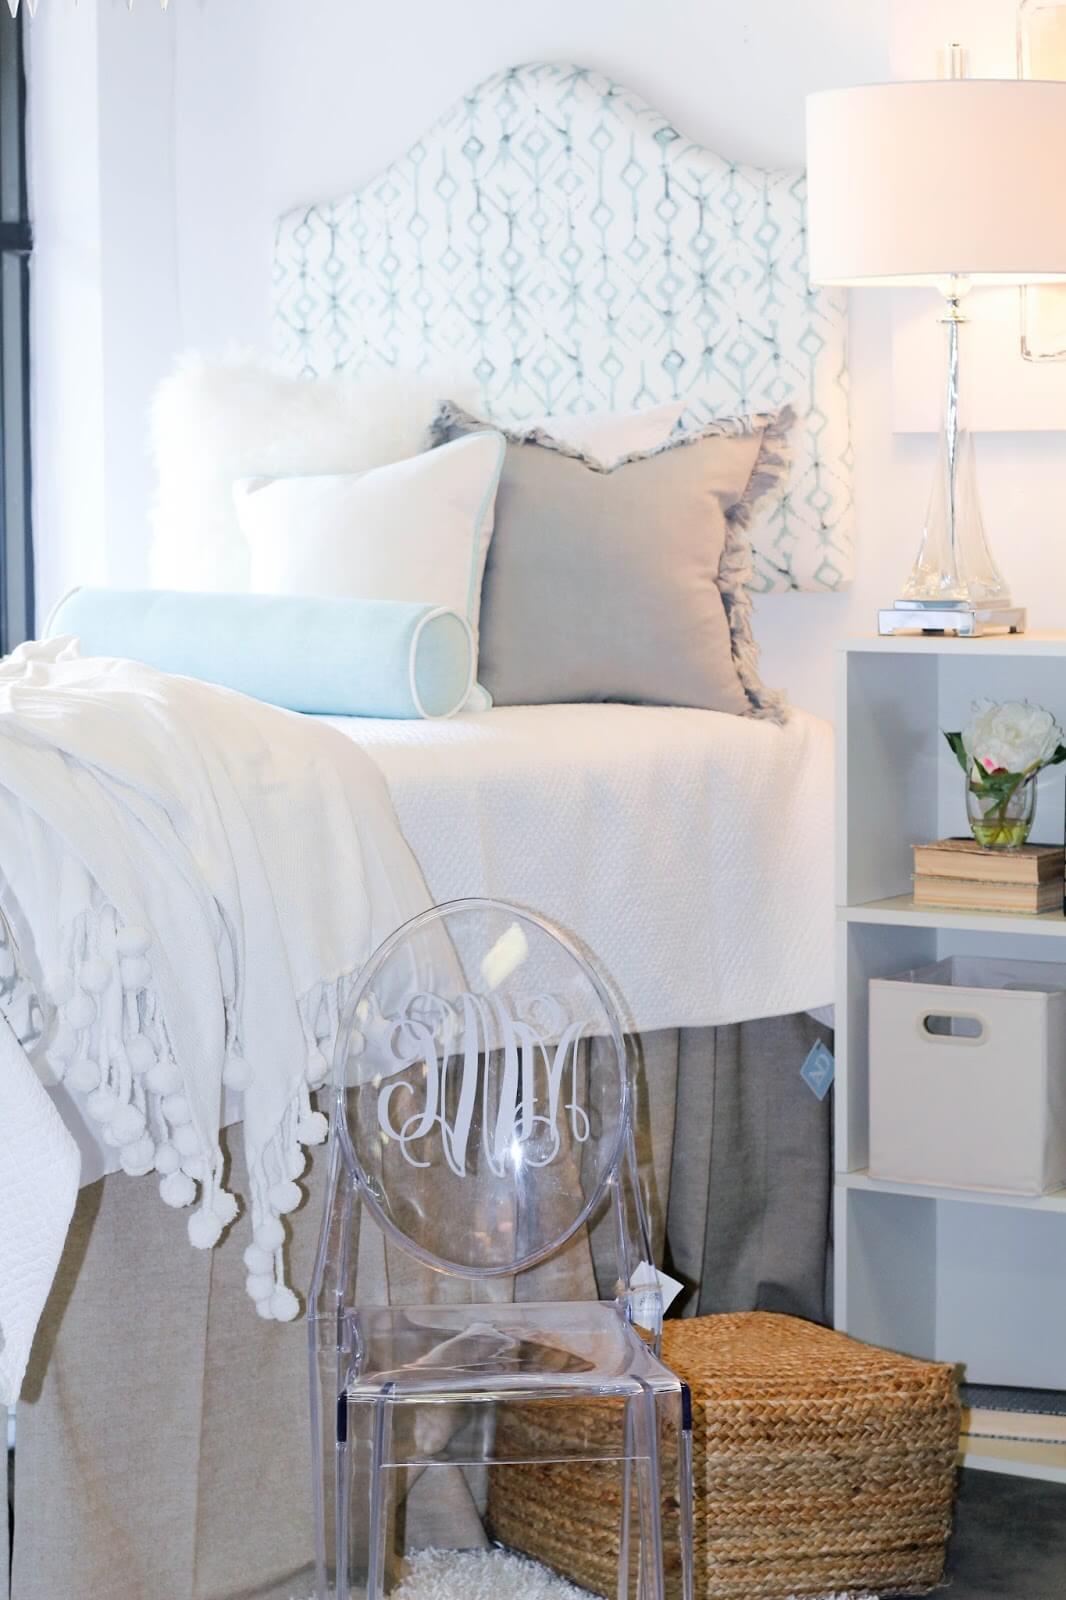 Décor de chambre dortoir fleur blanche